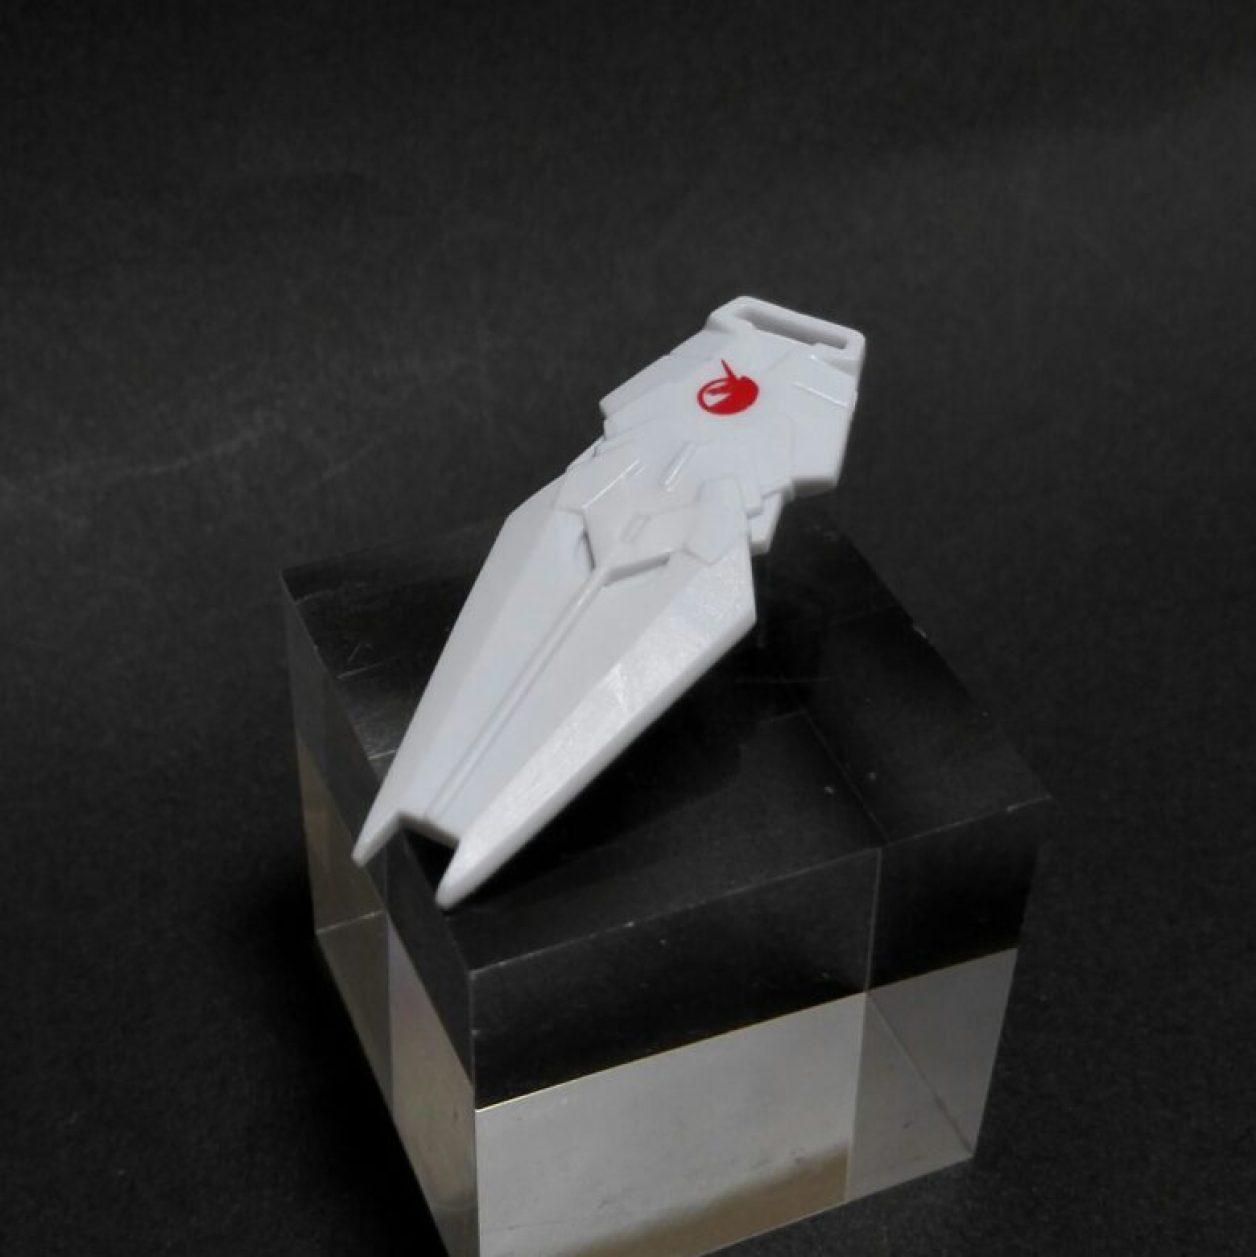 MOBILE SUIT ENSEMBLE(モビルスーツアンサンブル)第10弾のユニコーンガンダム(ユニコーンモード)の初期武装であるシールドの画像